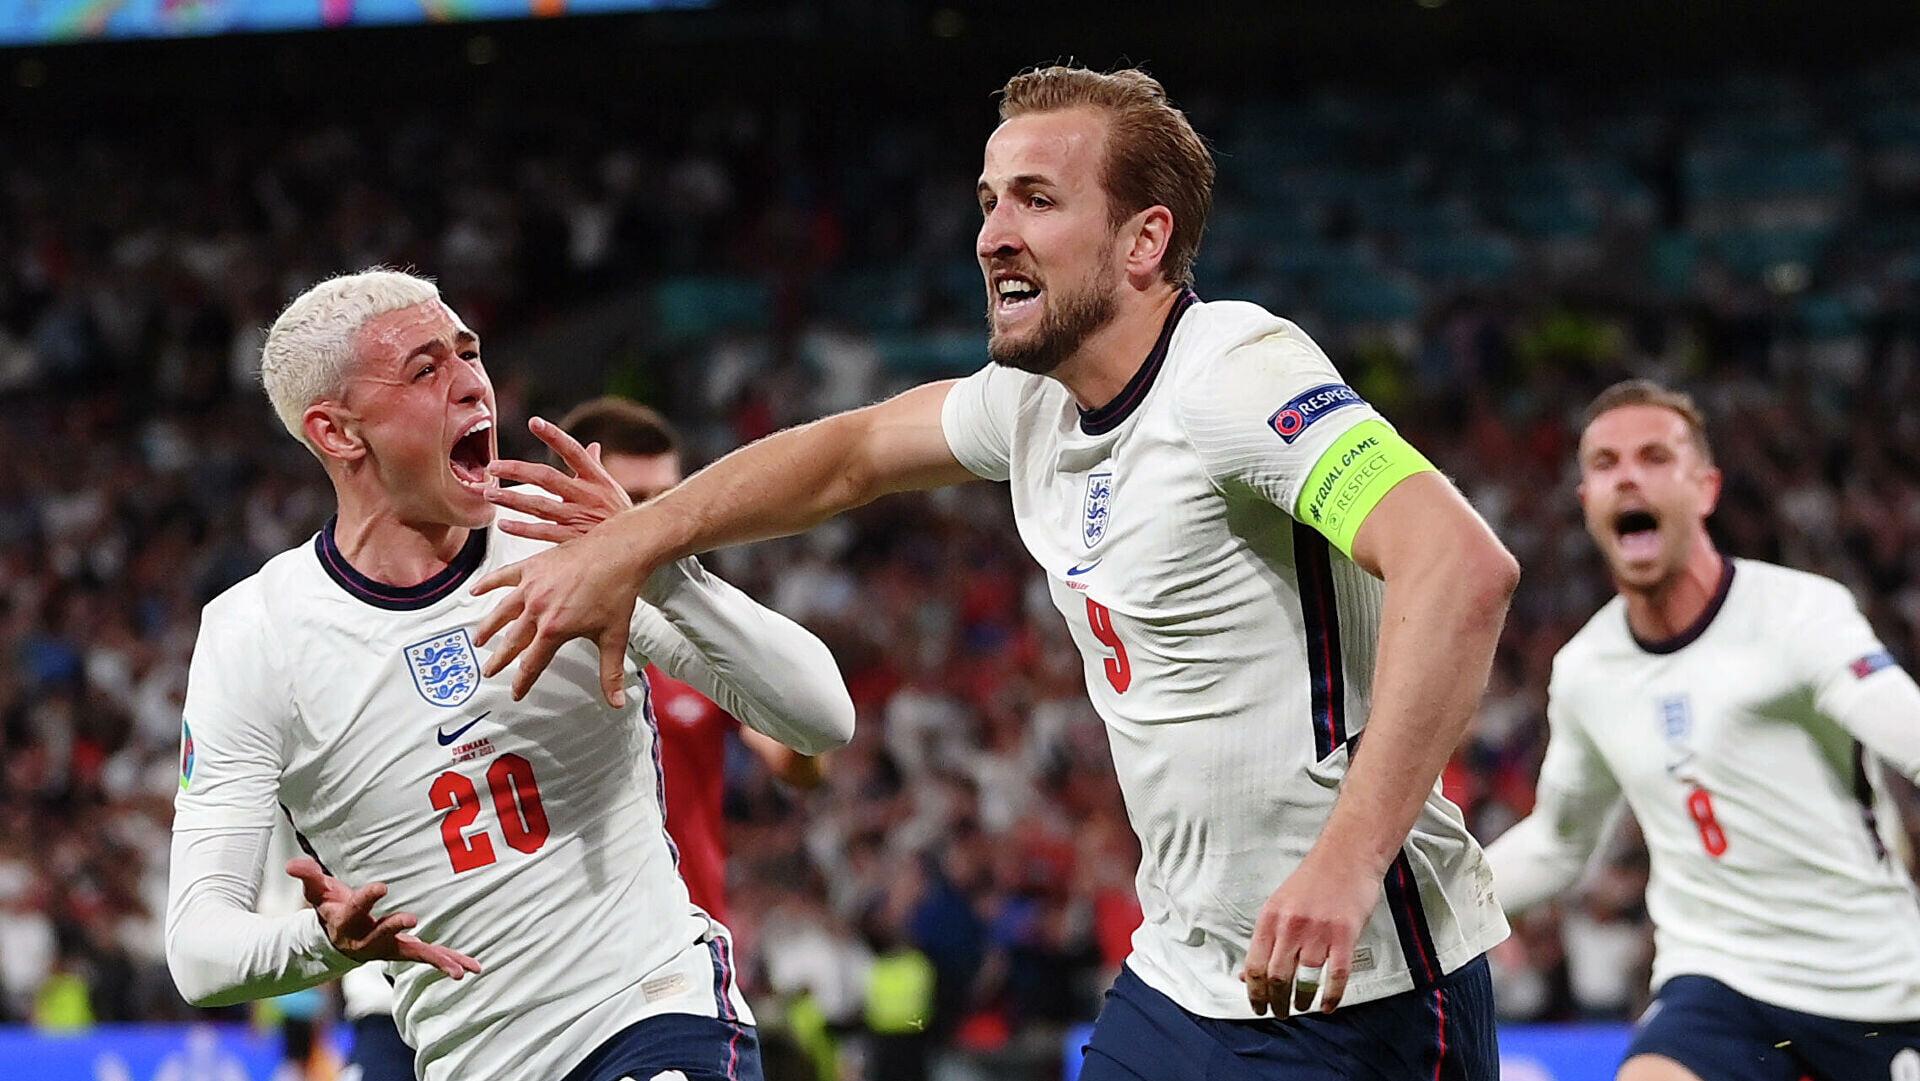 Более 340 тысяч англичан подписали петицию о дополнительном выходном в случае победы сборной на Евро